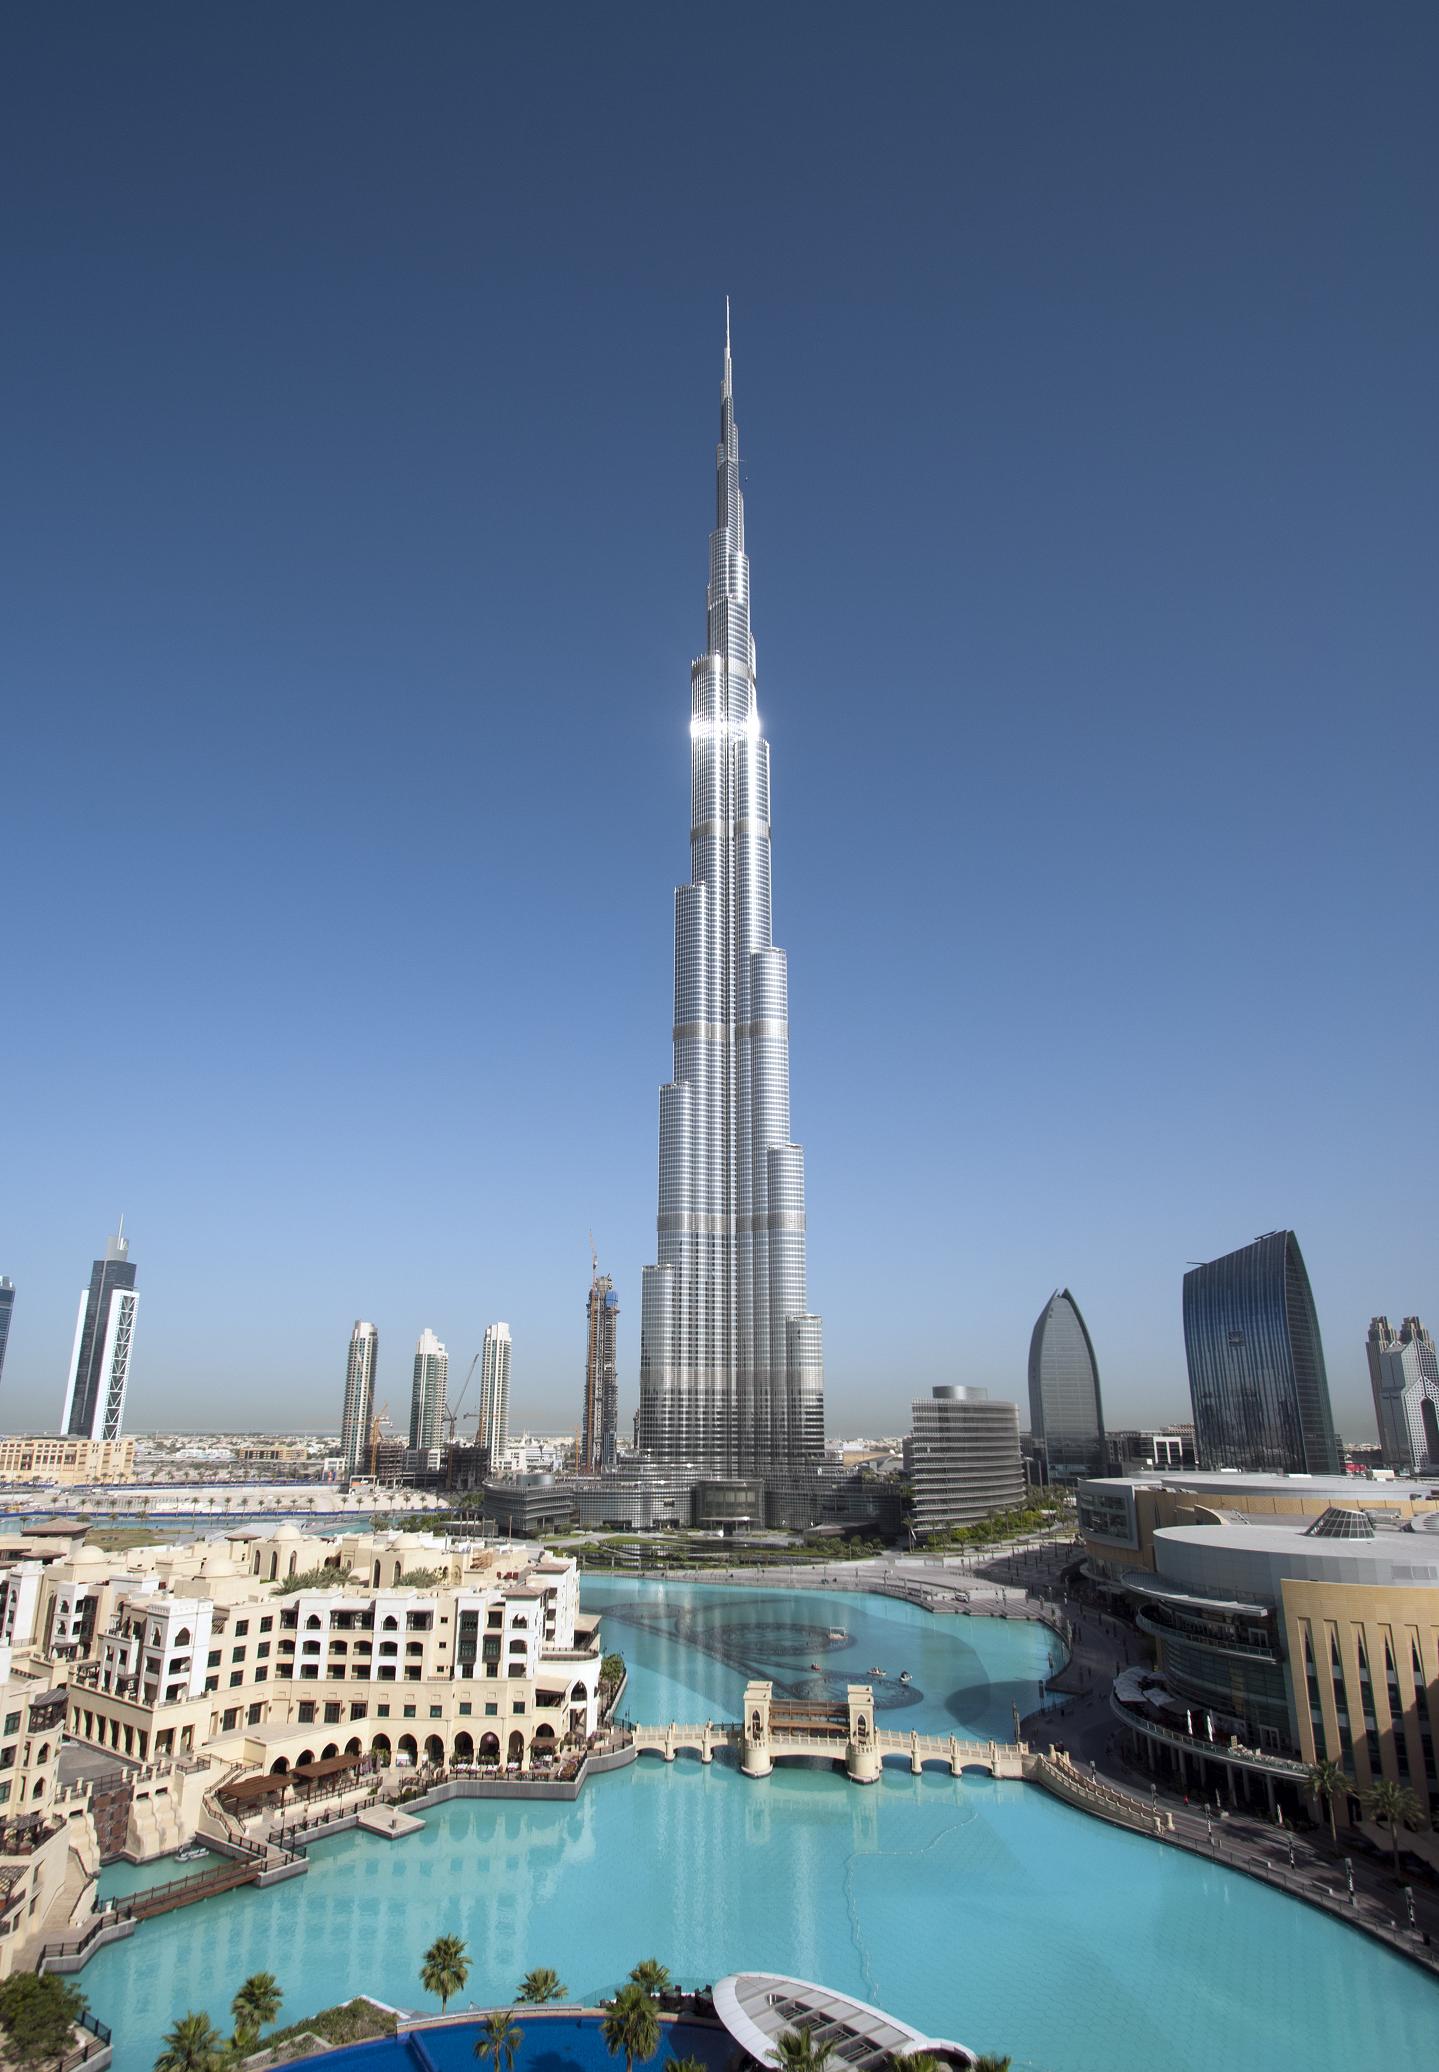 Amazing Burj khalifa hd wallpaper 1439x2072